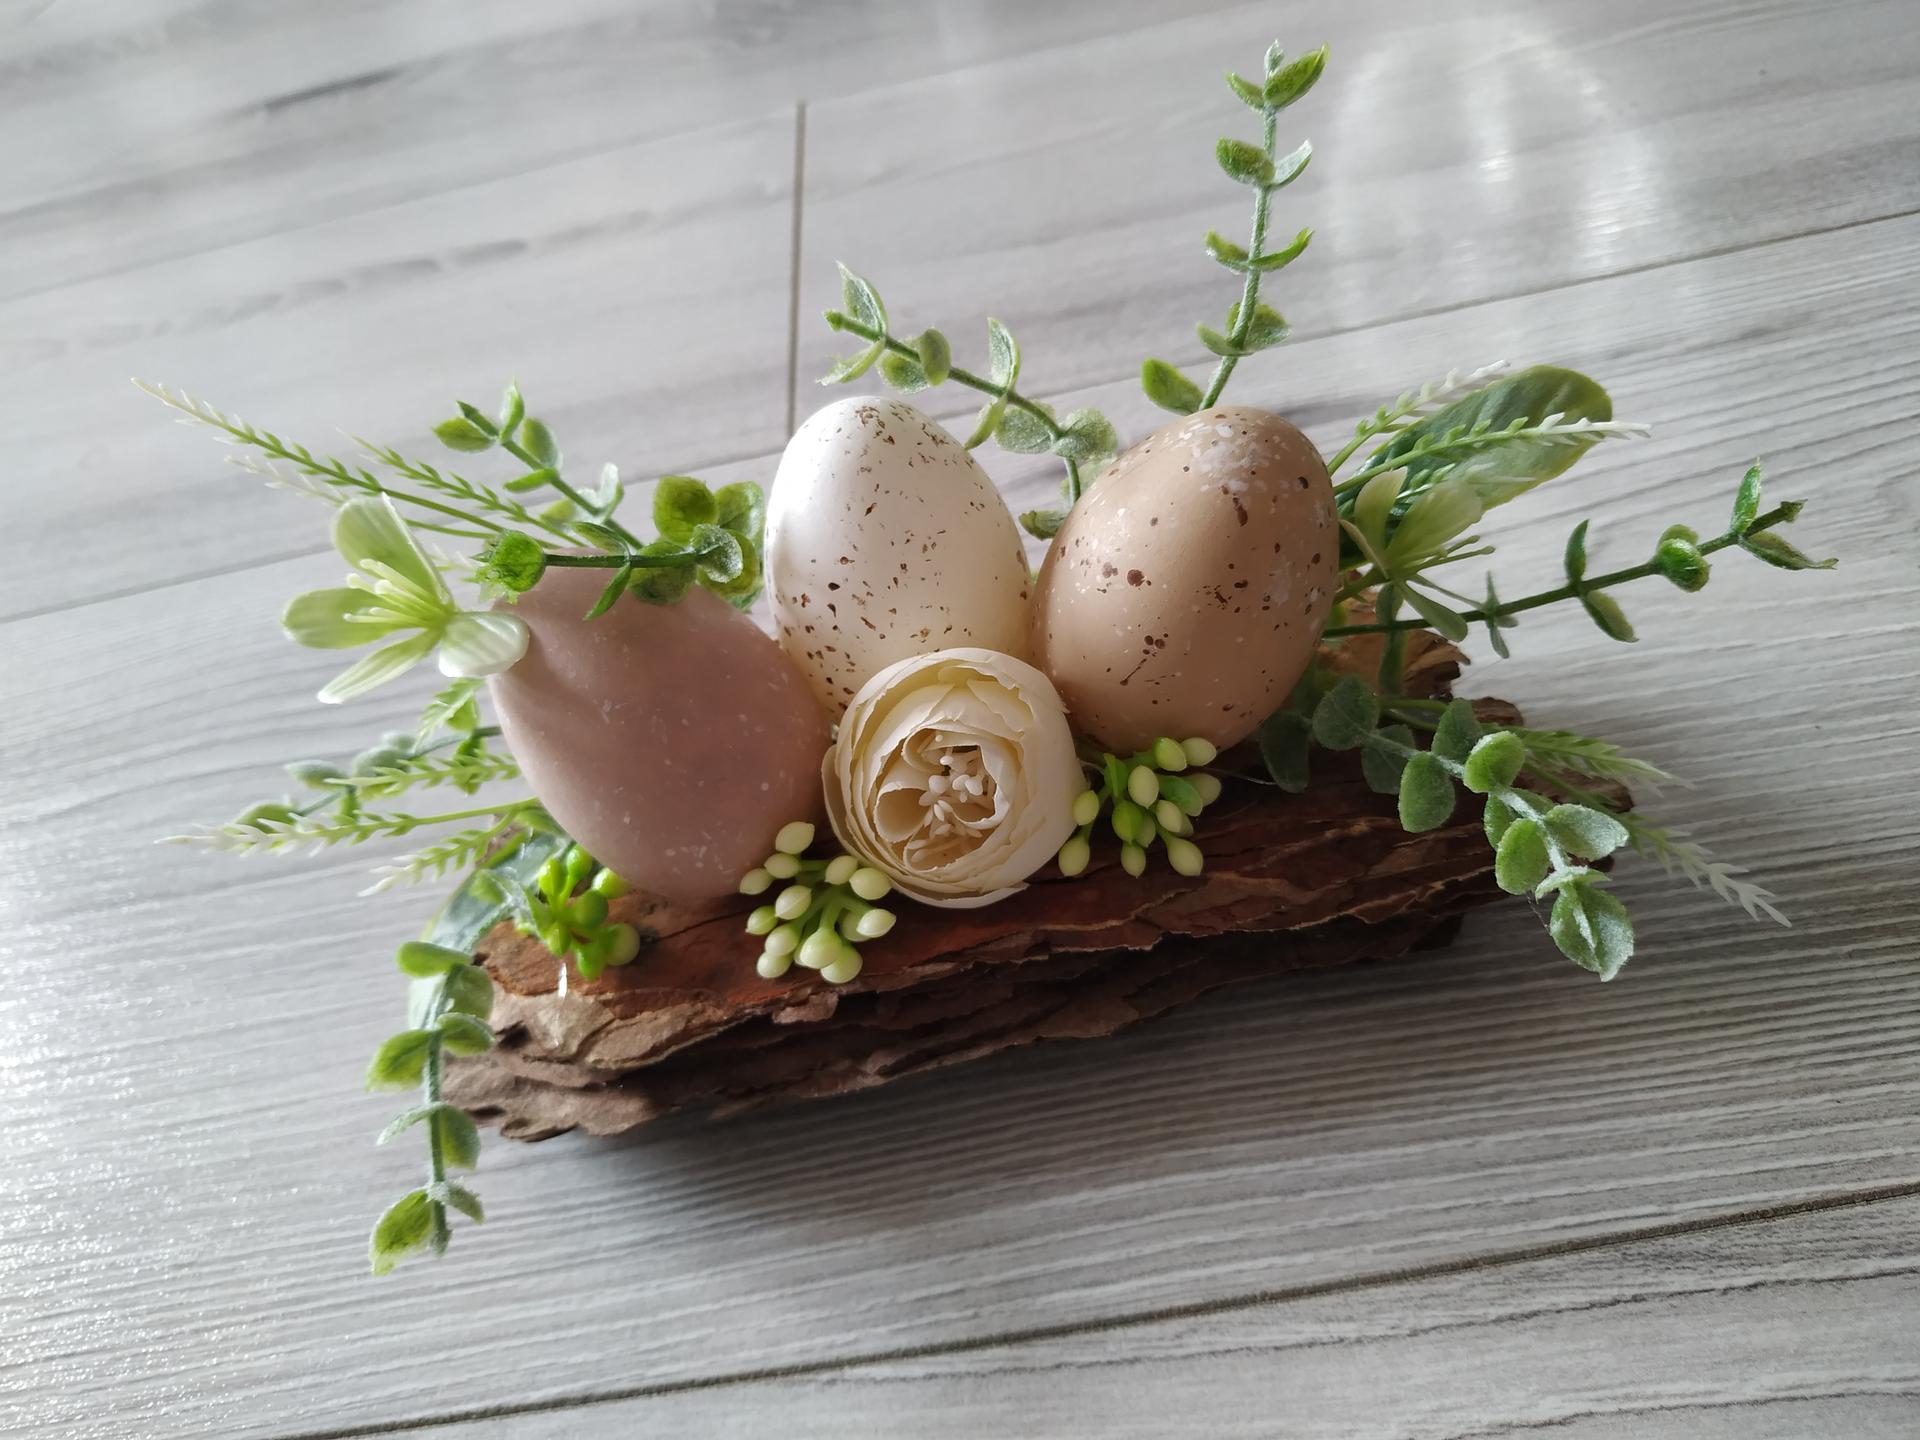 Jemná jarná výzdoba :) - Následne som do stredu nalepila kvietok s malými bobuľkami. Pokiaľ si usporiadate vajíčka inak, napr. môžete jedno vajíčko nechať ležať a ostatné dať za neho a tým pádom nemusíte dávať kvietok. Všetko závisí od Vašej fantázie. :)